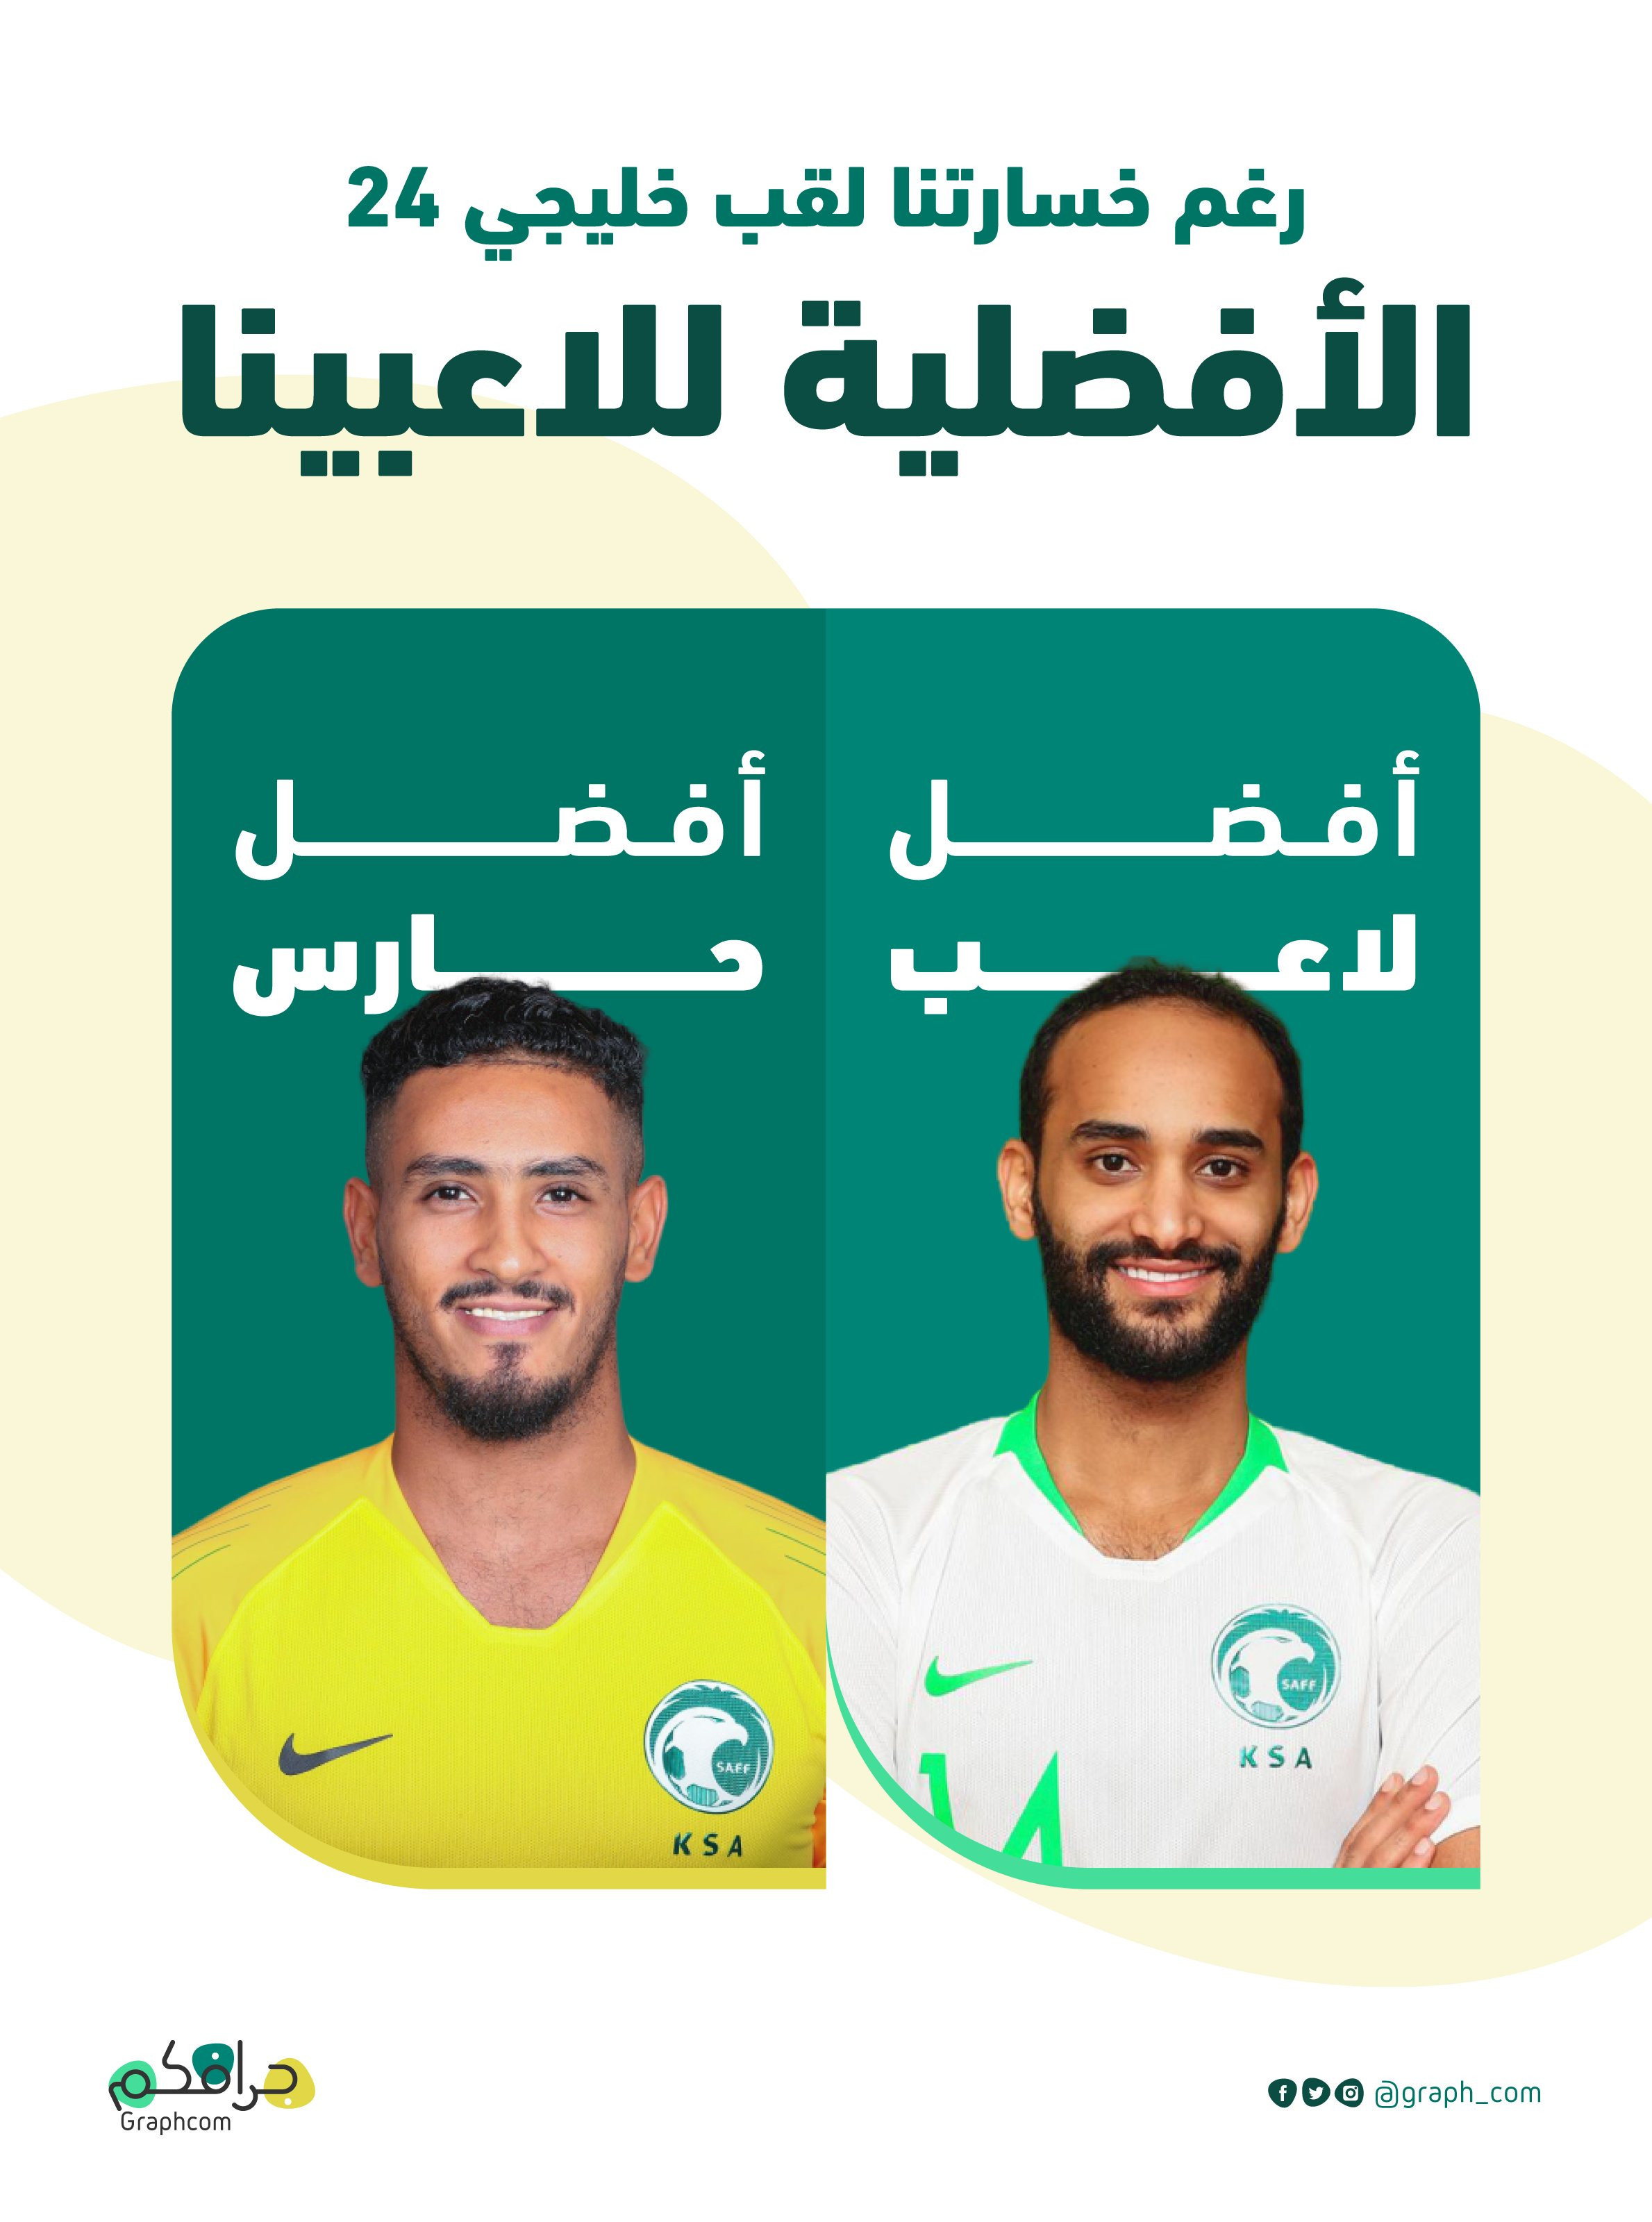 أفضل لاعب وأفضل حارس من السعودية